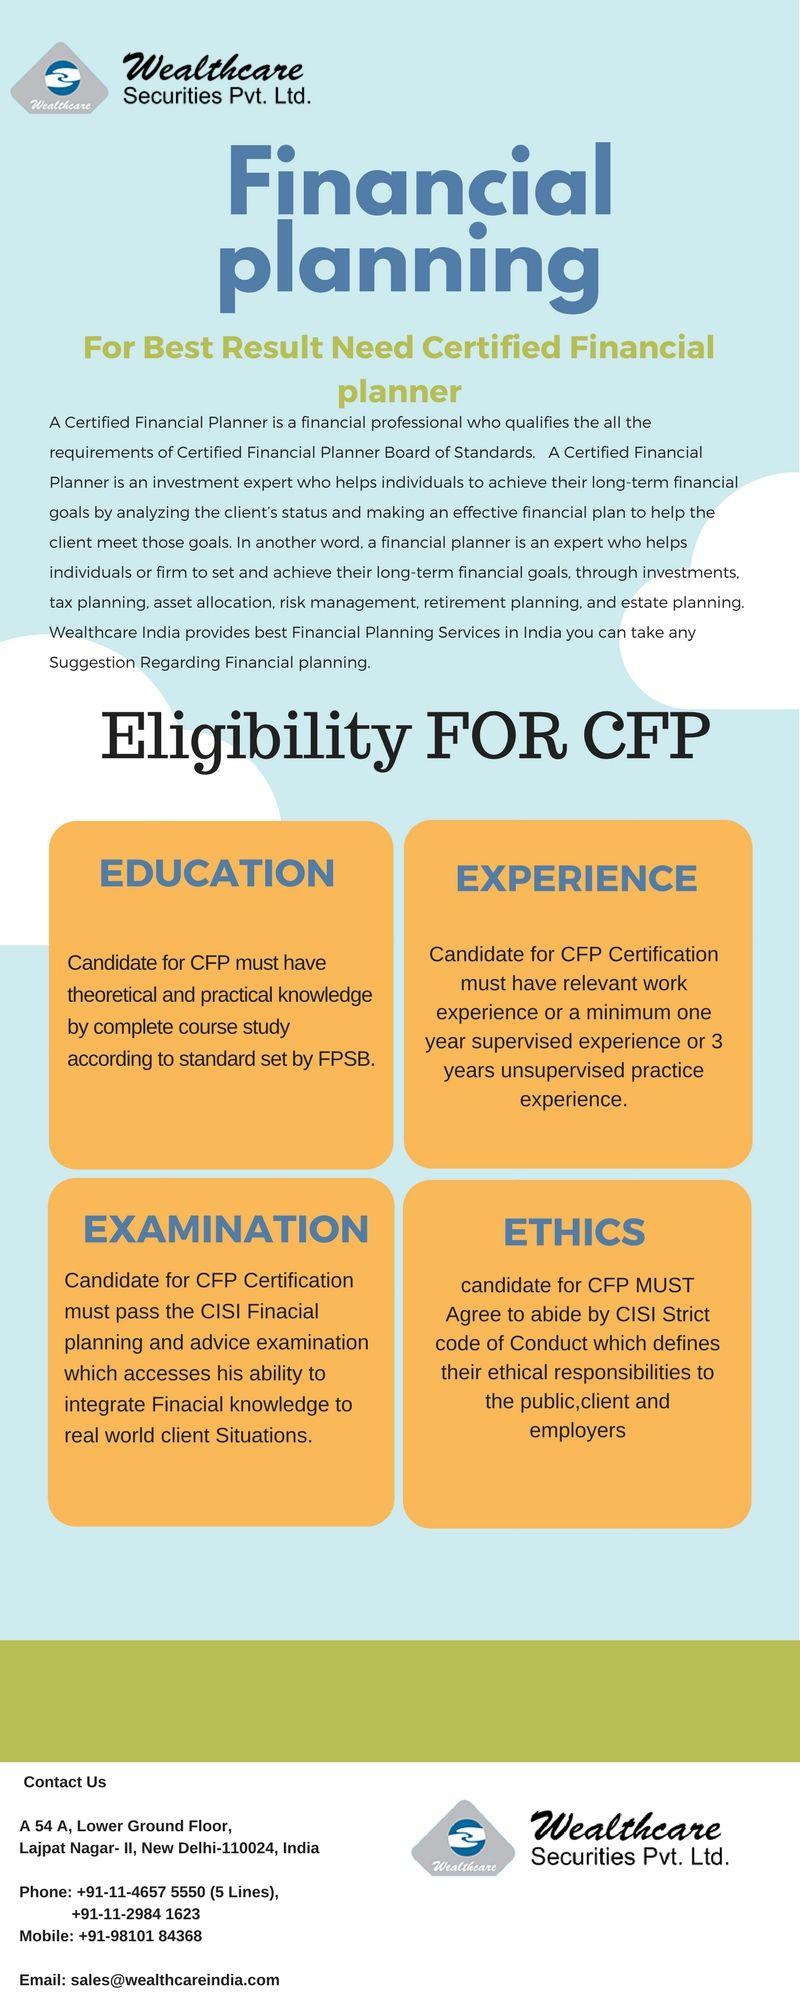 FinancialplanningservicesImportanceoffinancial